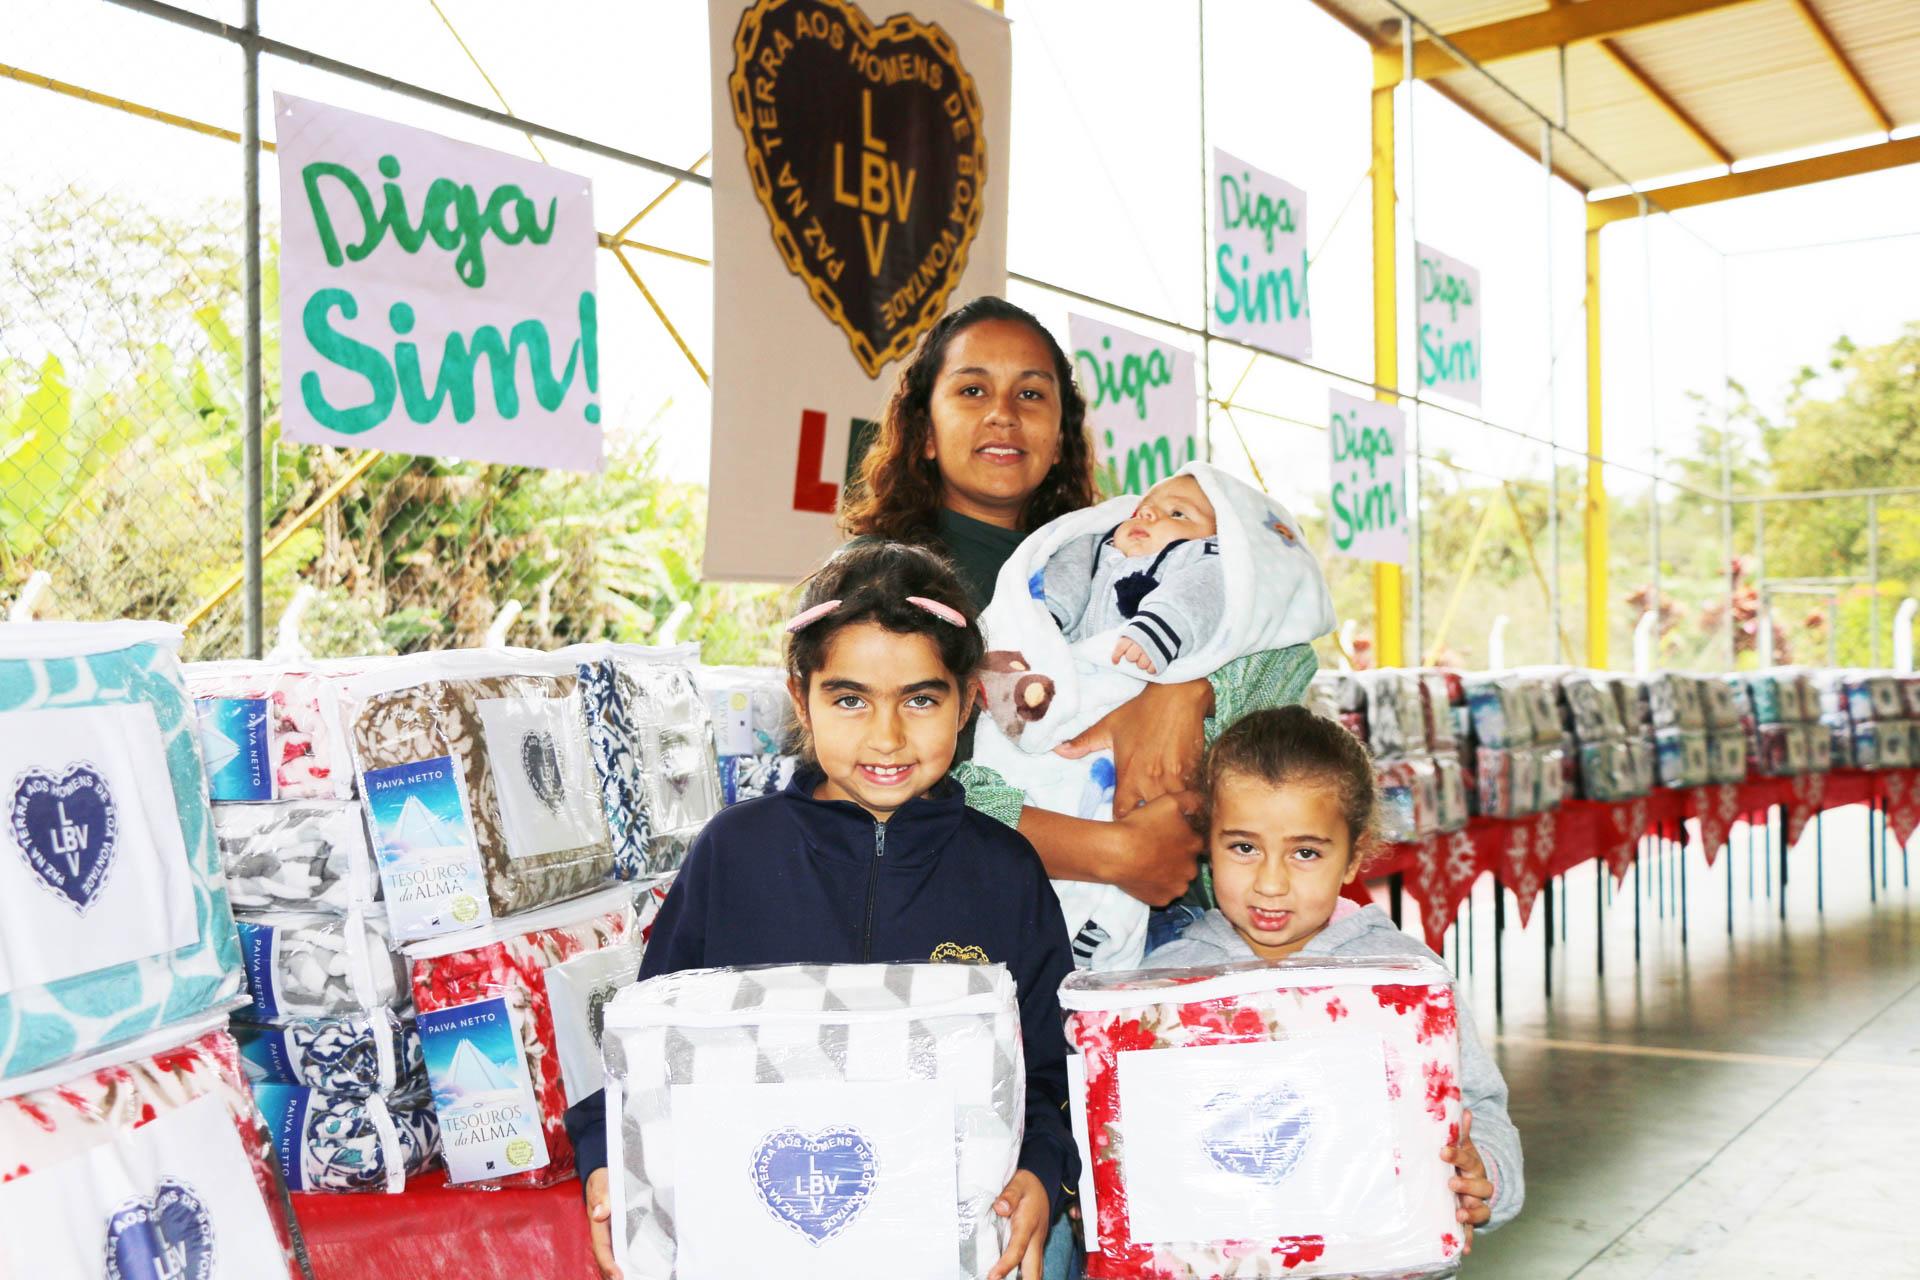 Mogi das Cruzes, SP— Visando garantir que as famílias possam se proteger do frio, a Campanha